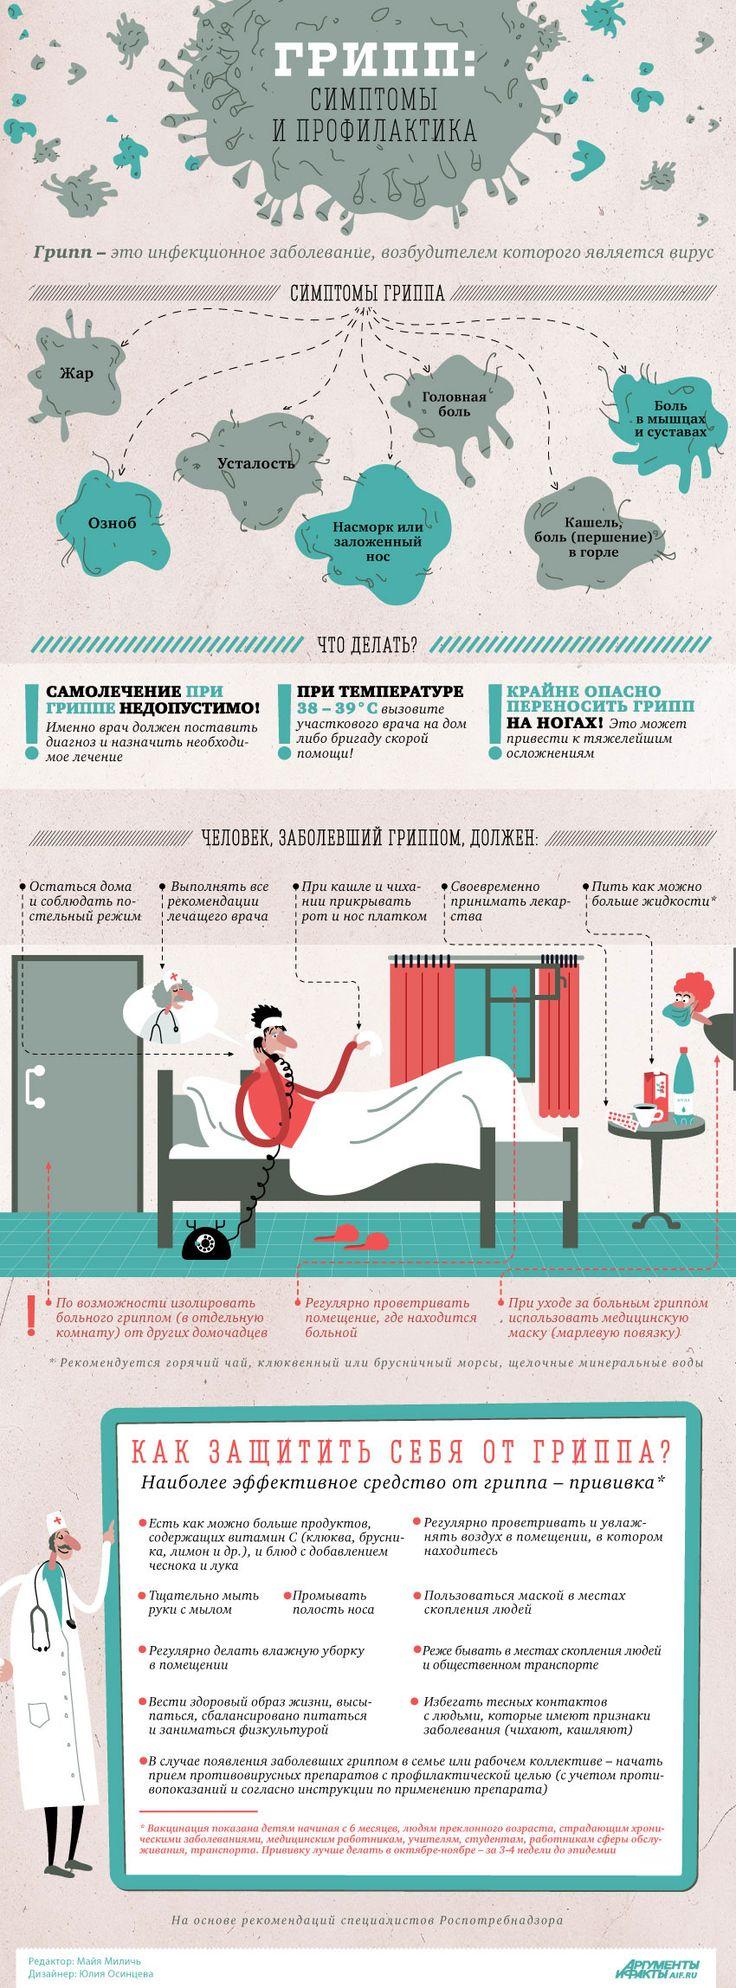 Грипп: симптомы и профилактика. Инфографика | Здоровая жизнь | Здоровье | Аргументы и Факты